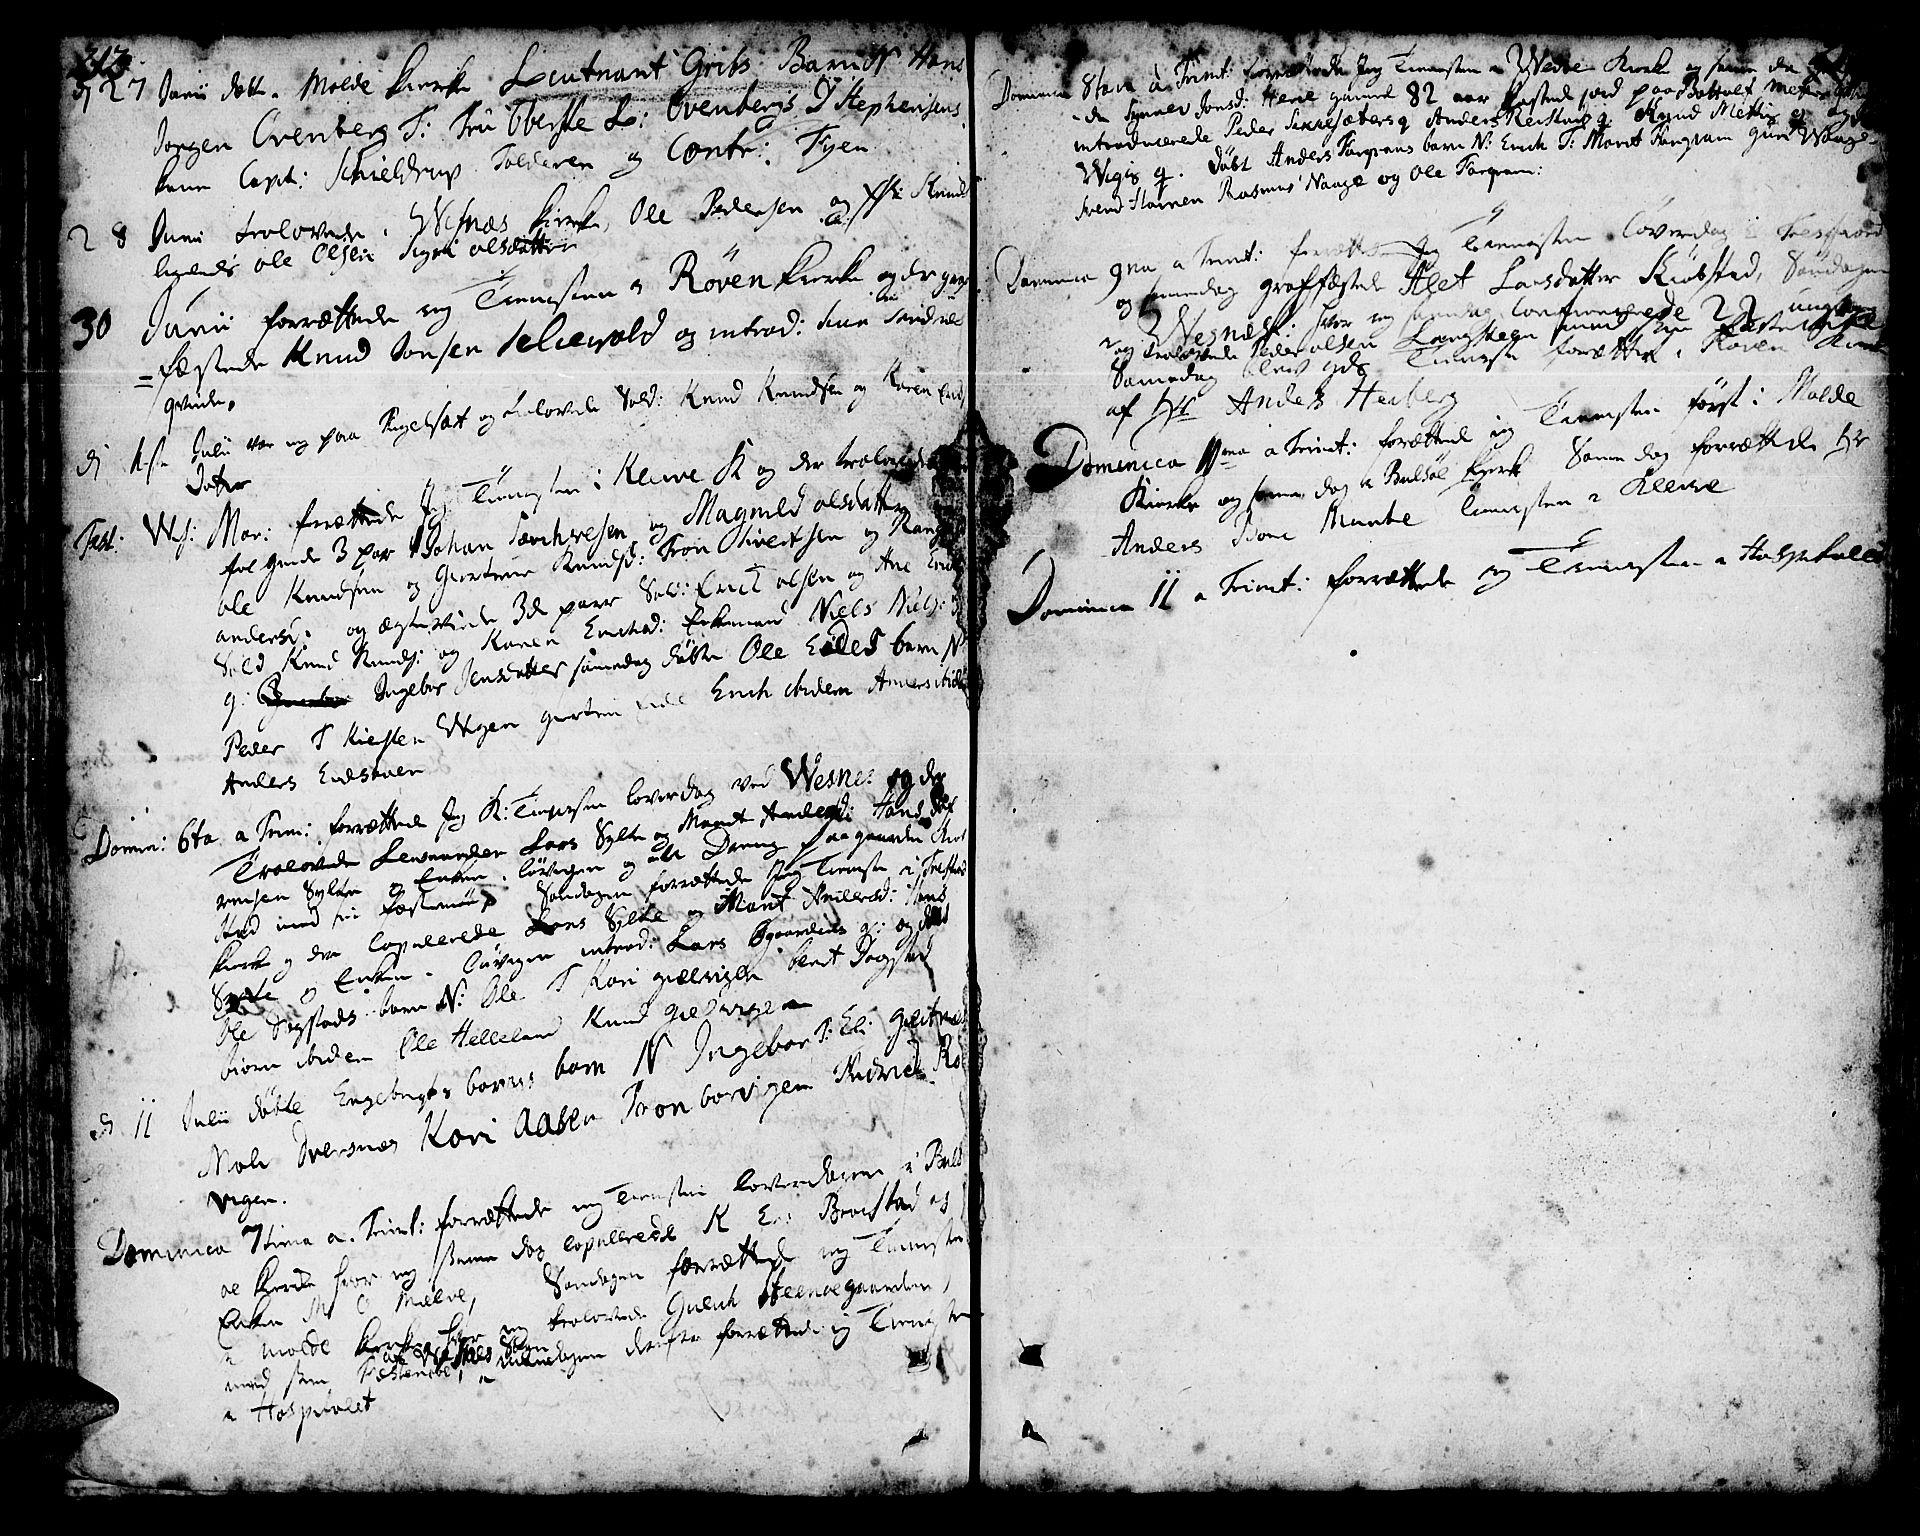 SAT, Ministerialprotokoller, klokkerbøker og fødselsregistre - Møre og Romsdal, 547/L0599: Parish register (official) no. 547A01, 1721-1764, p. 212-213